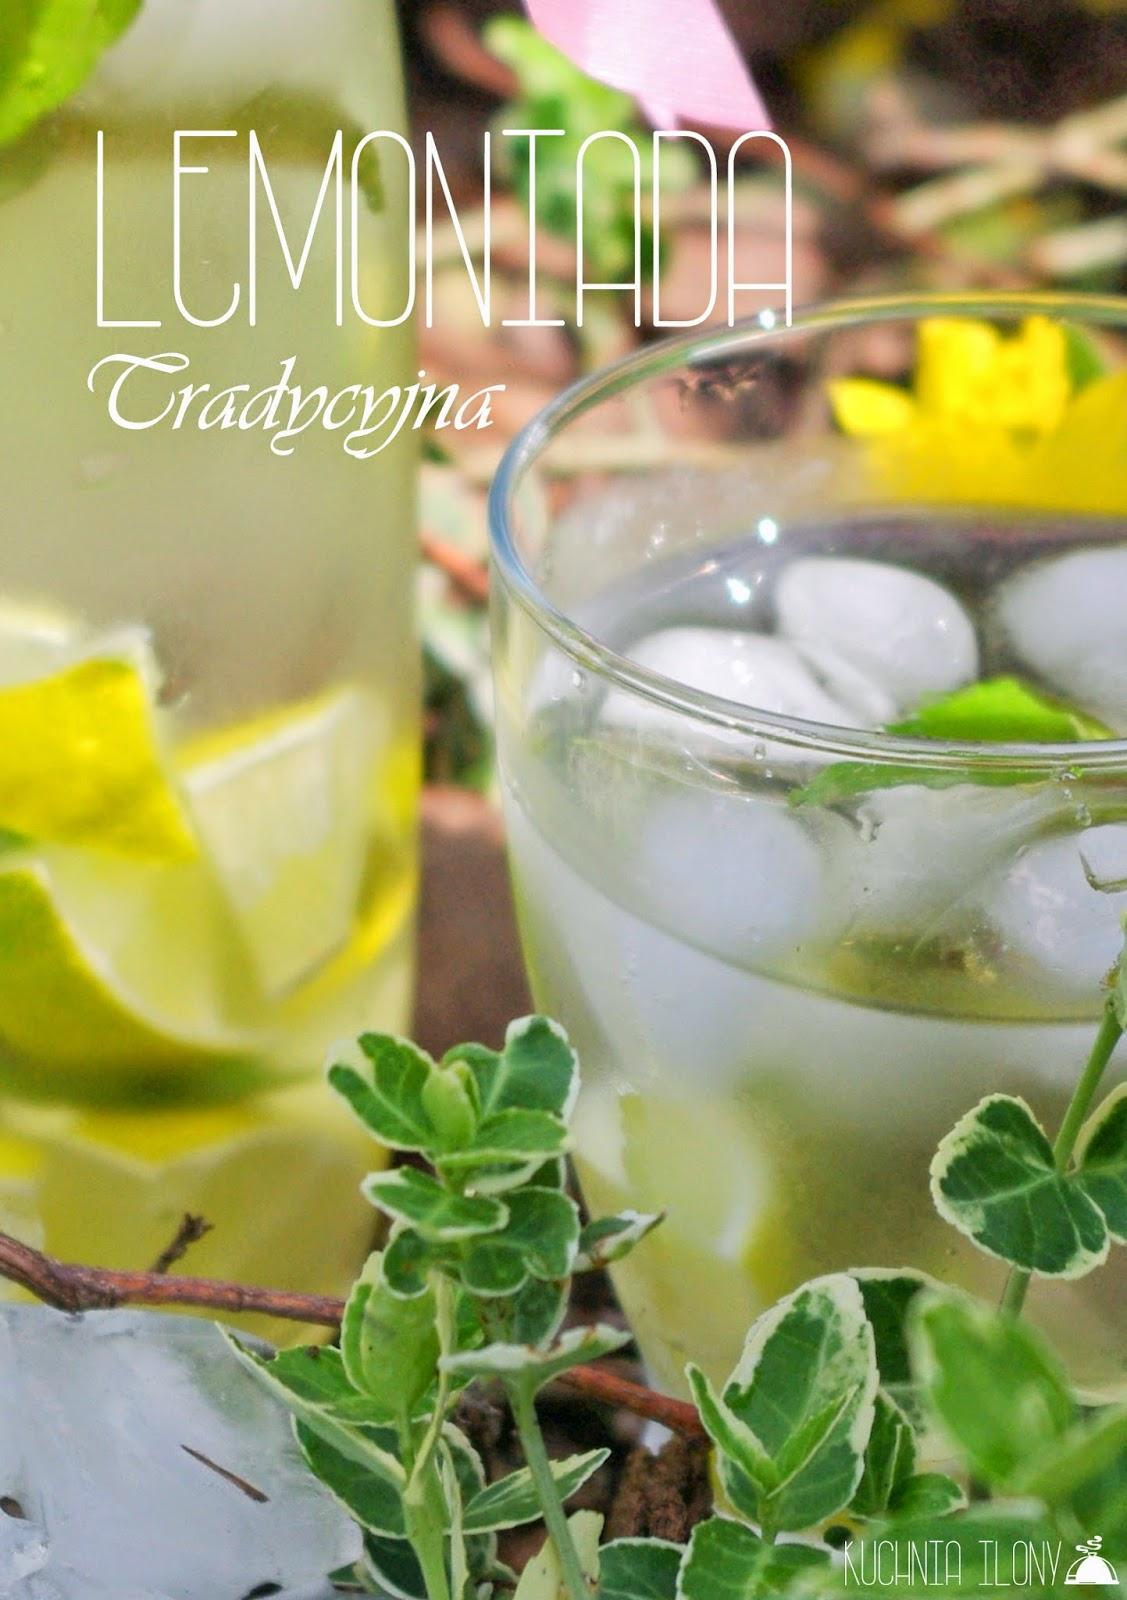 lemoniada tradycyjna, lemoniada klasyczna, lemoniada napój